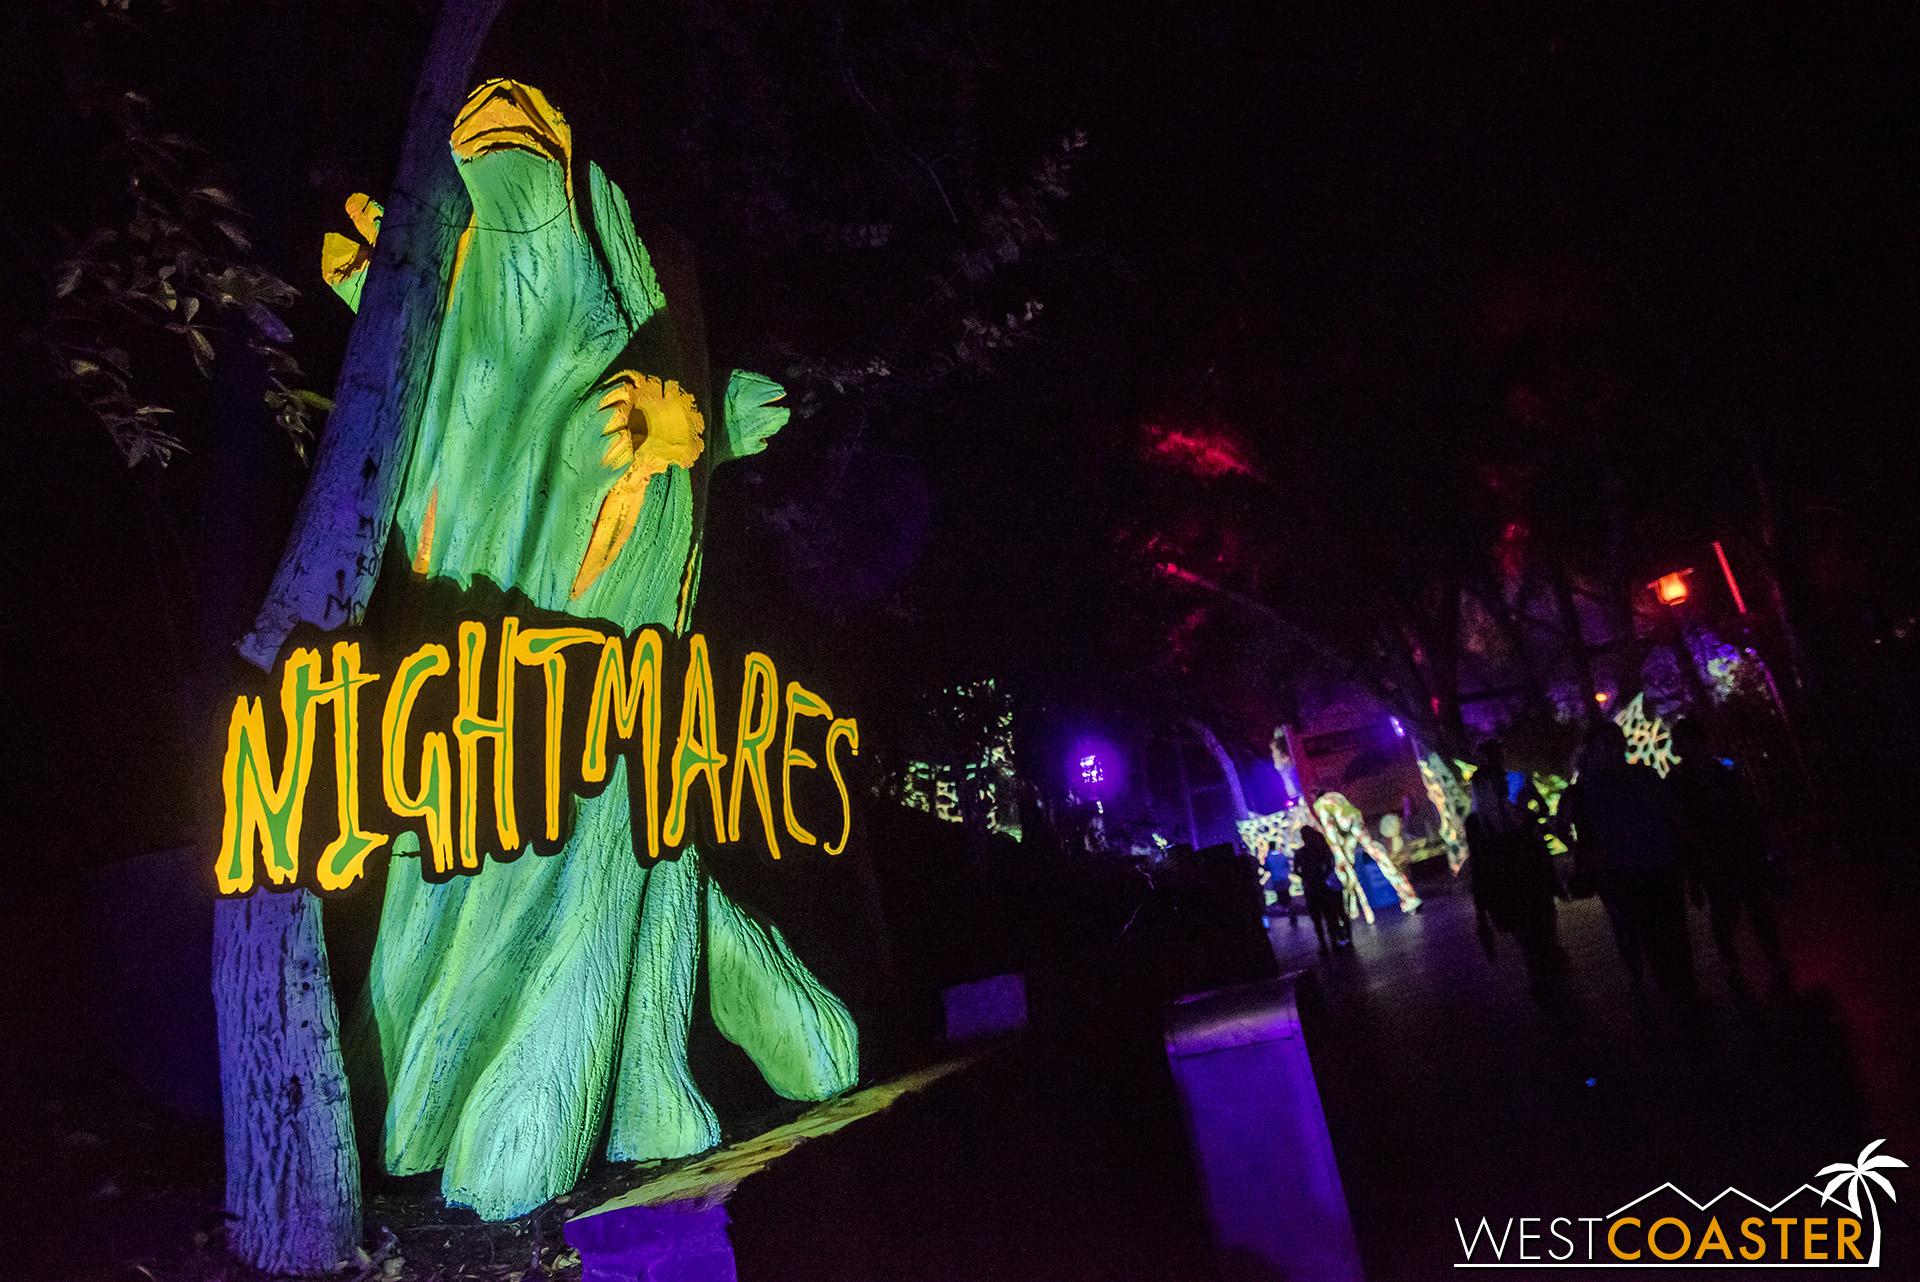 SFMMFF-18_0920-C-Nightmares-0001.jpg